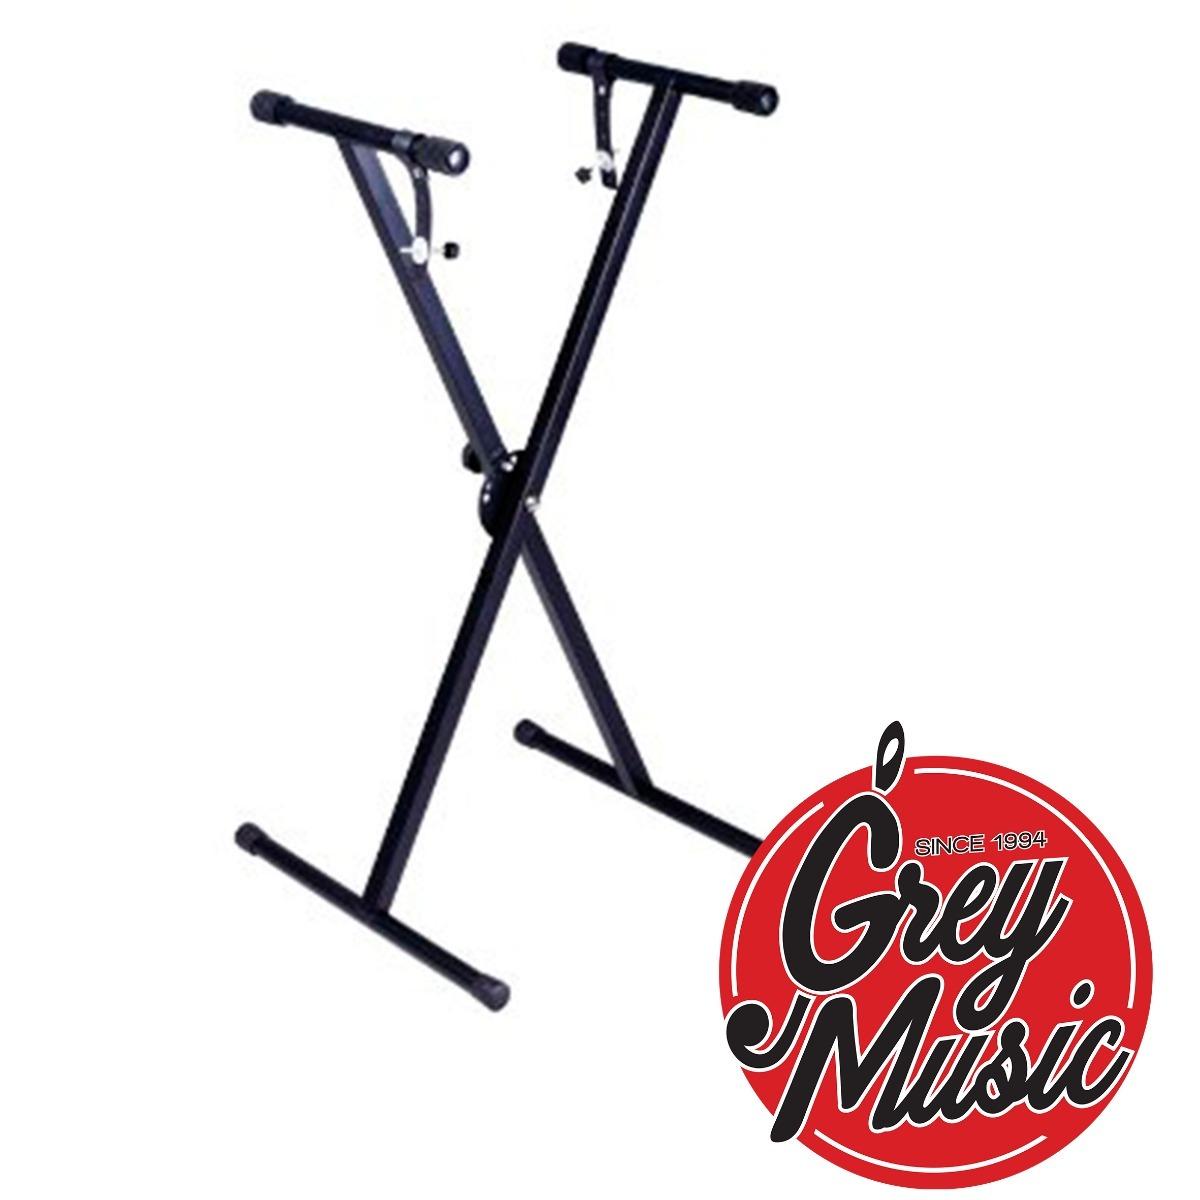 Soporte Reforzado Para Teclado Simple Gms Sts - Grey Music-